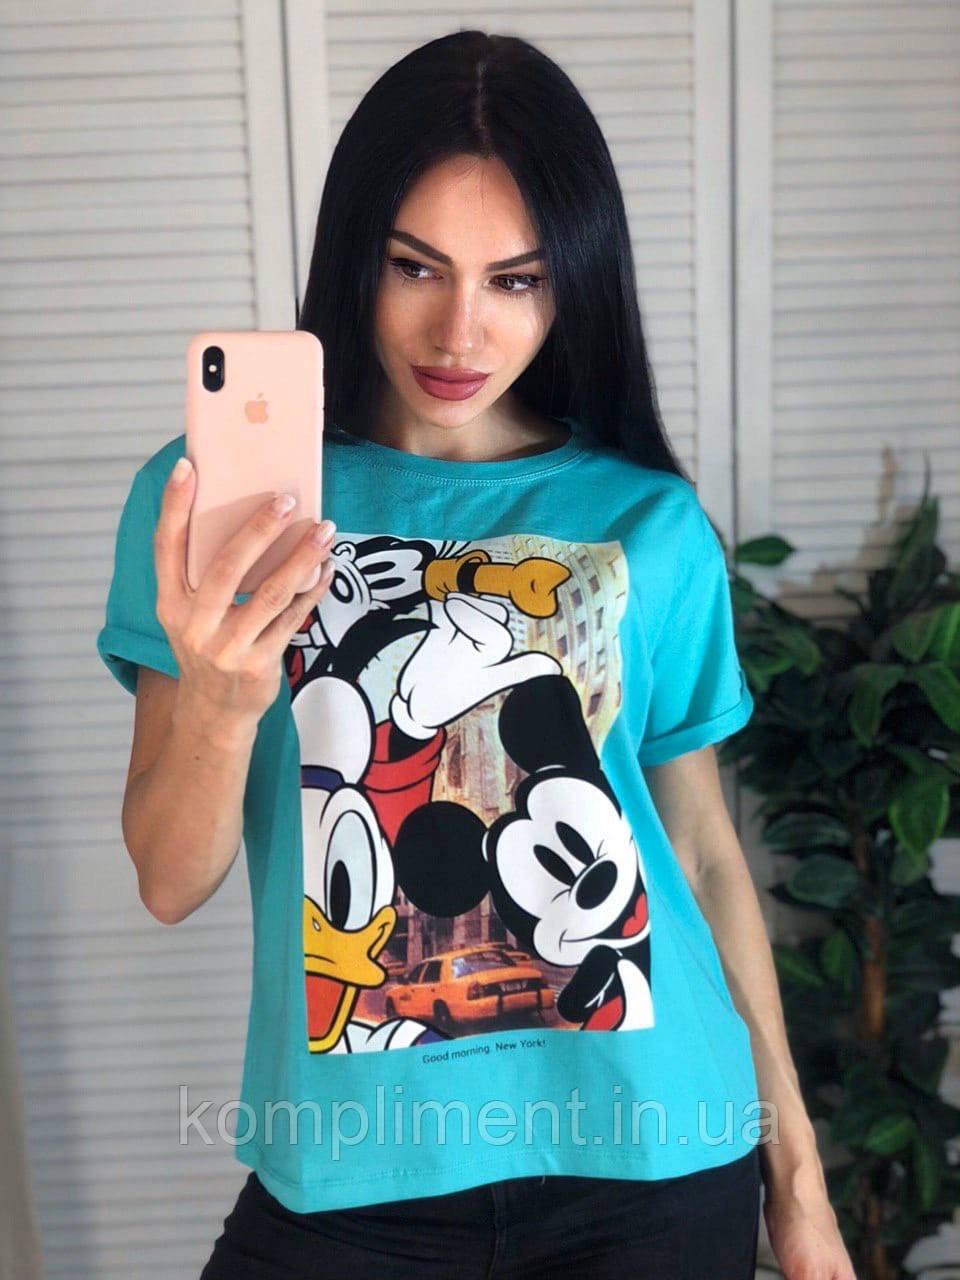 Яркая трикотажная женская летняя турецкая  футболка с рисунком, голубая